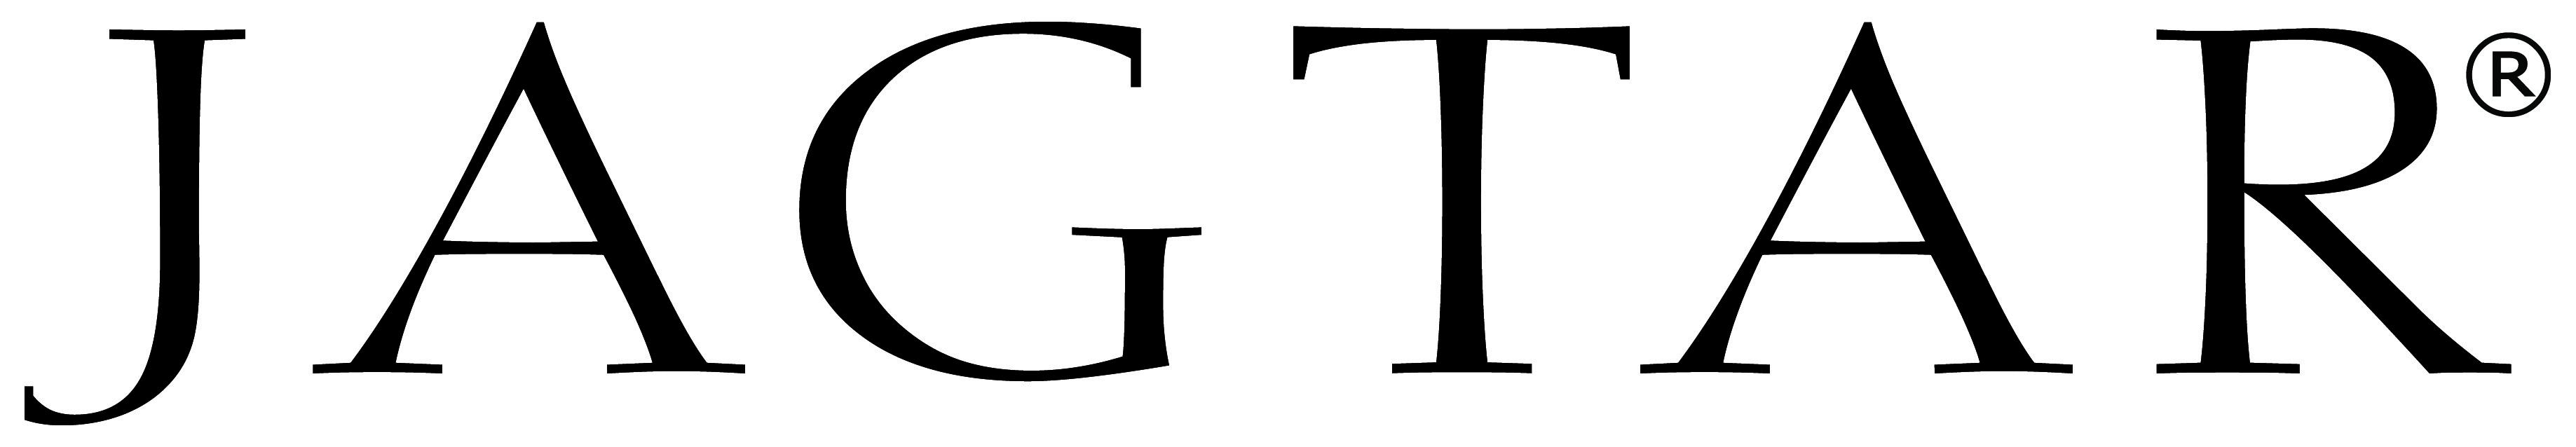 JAGTAR Collection for Brunschwig & Fils